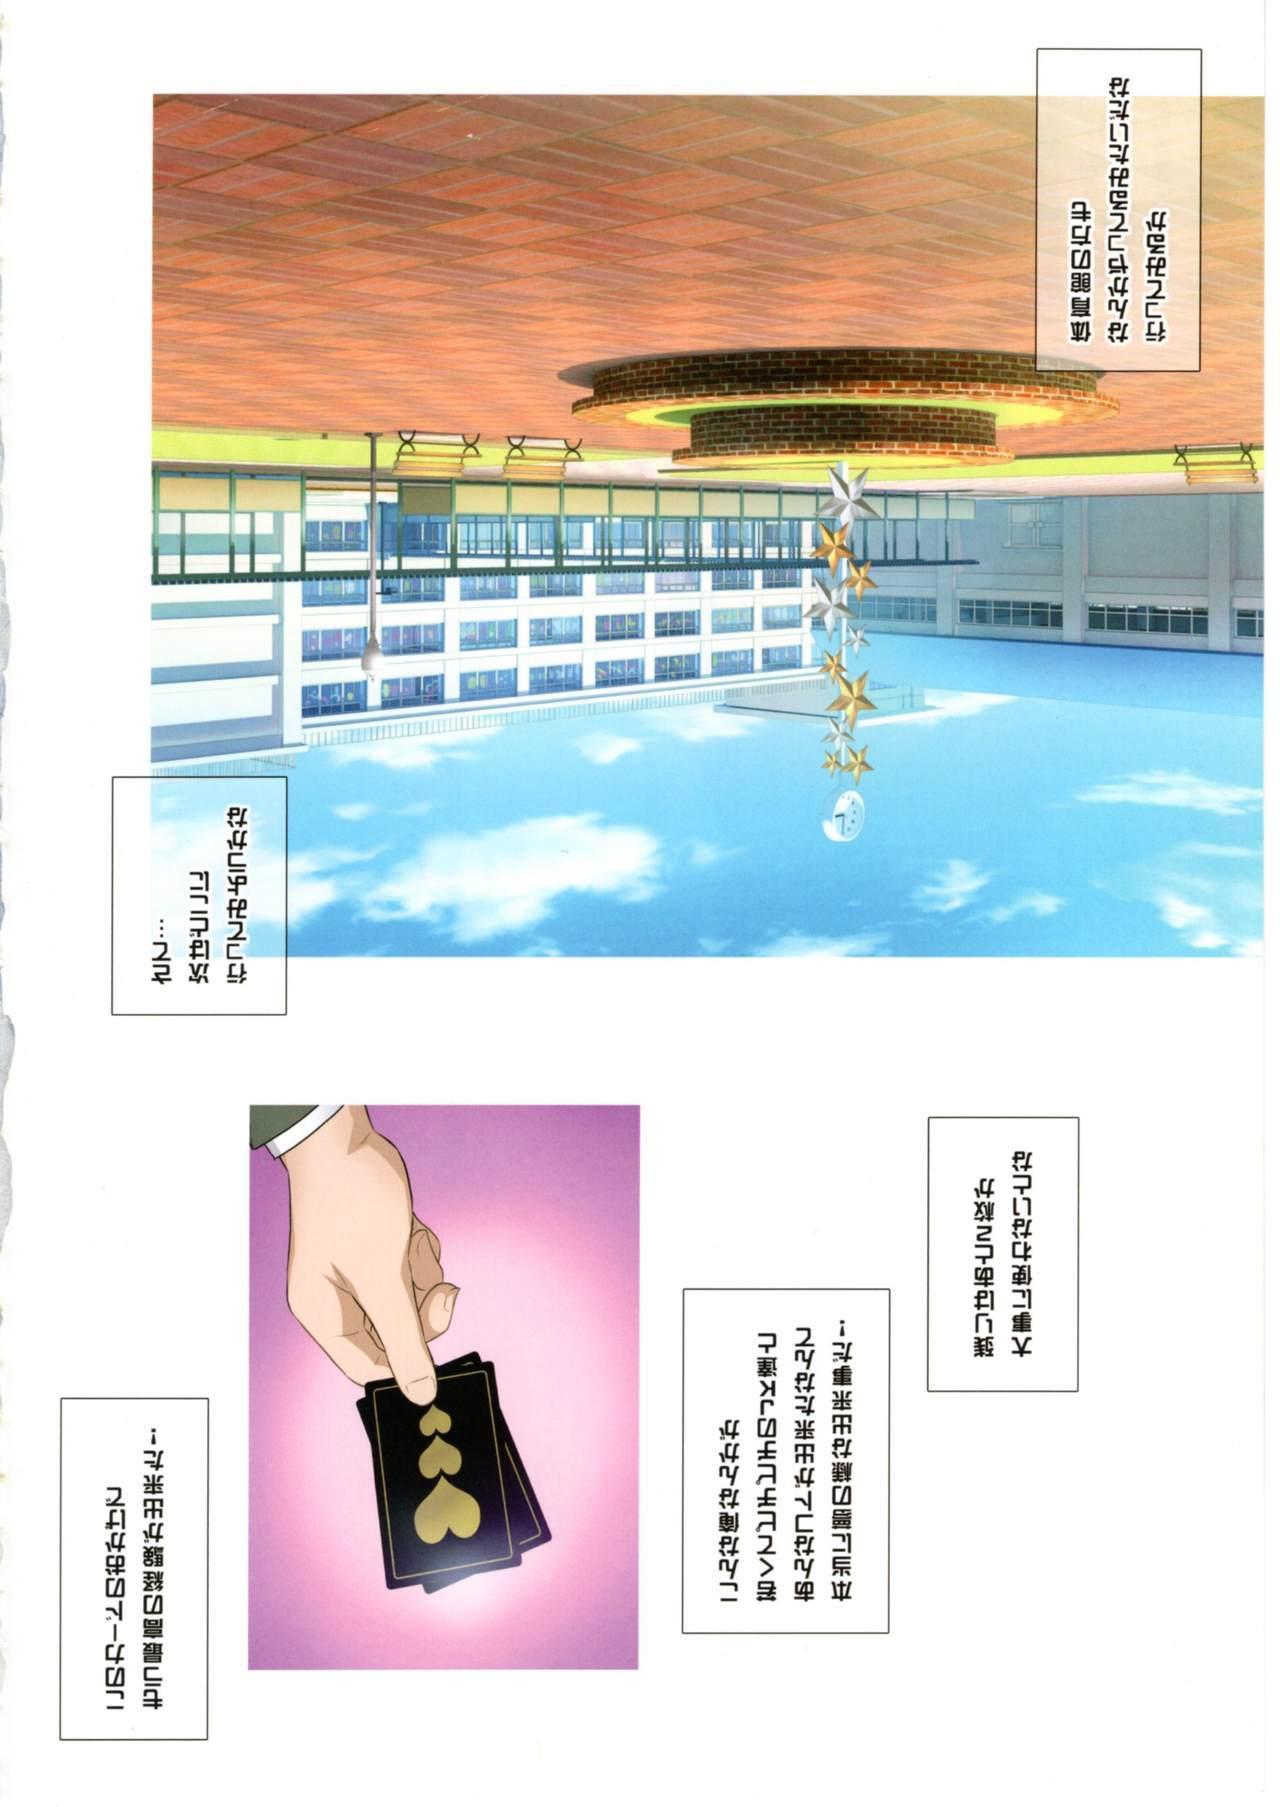 Yorokobi no Kuni Vol.31 JK Fuuzoku Gakuensai 1 15